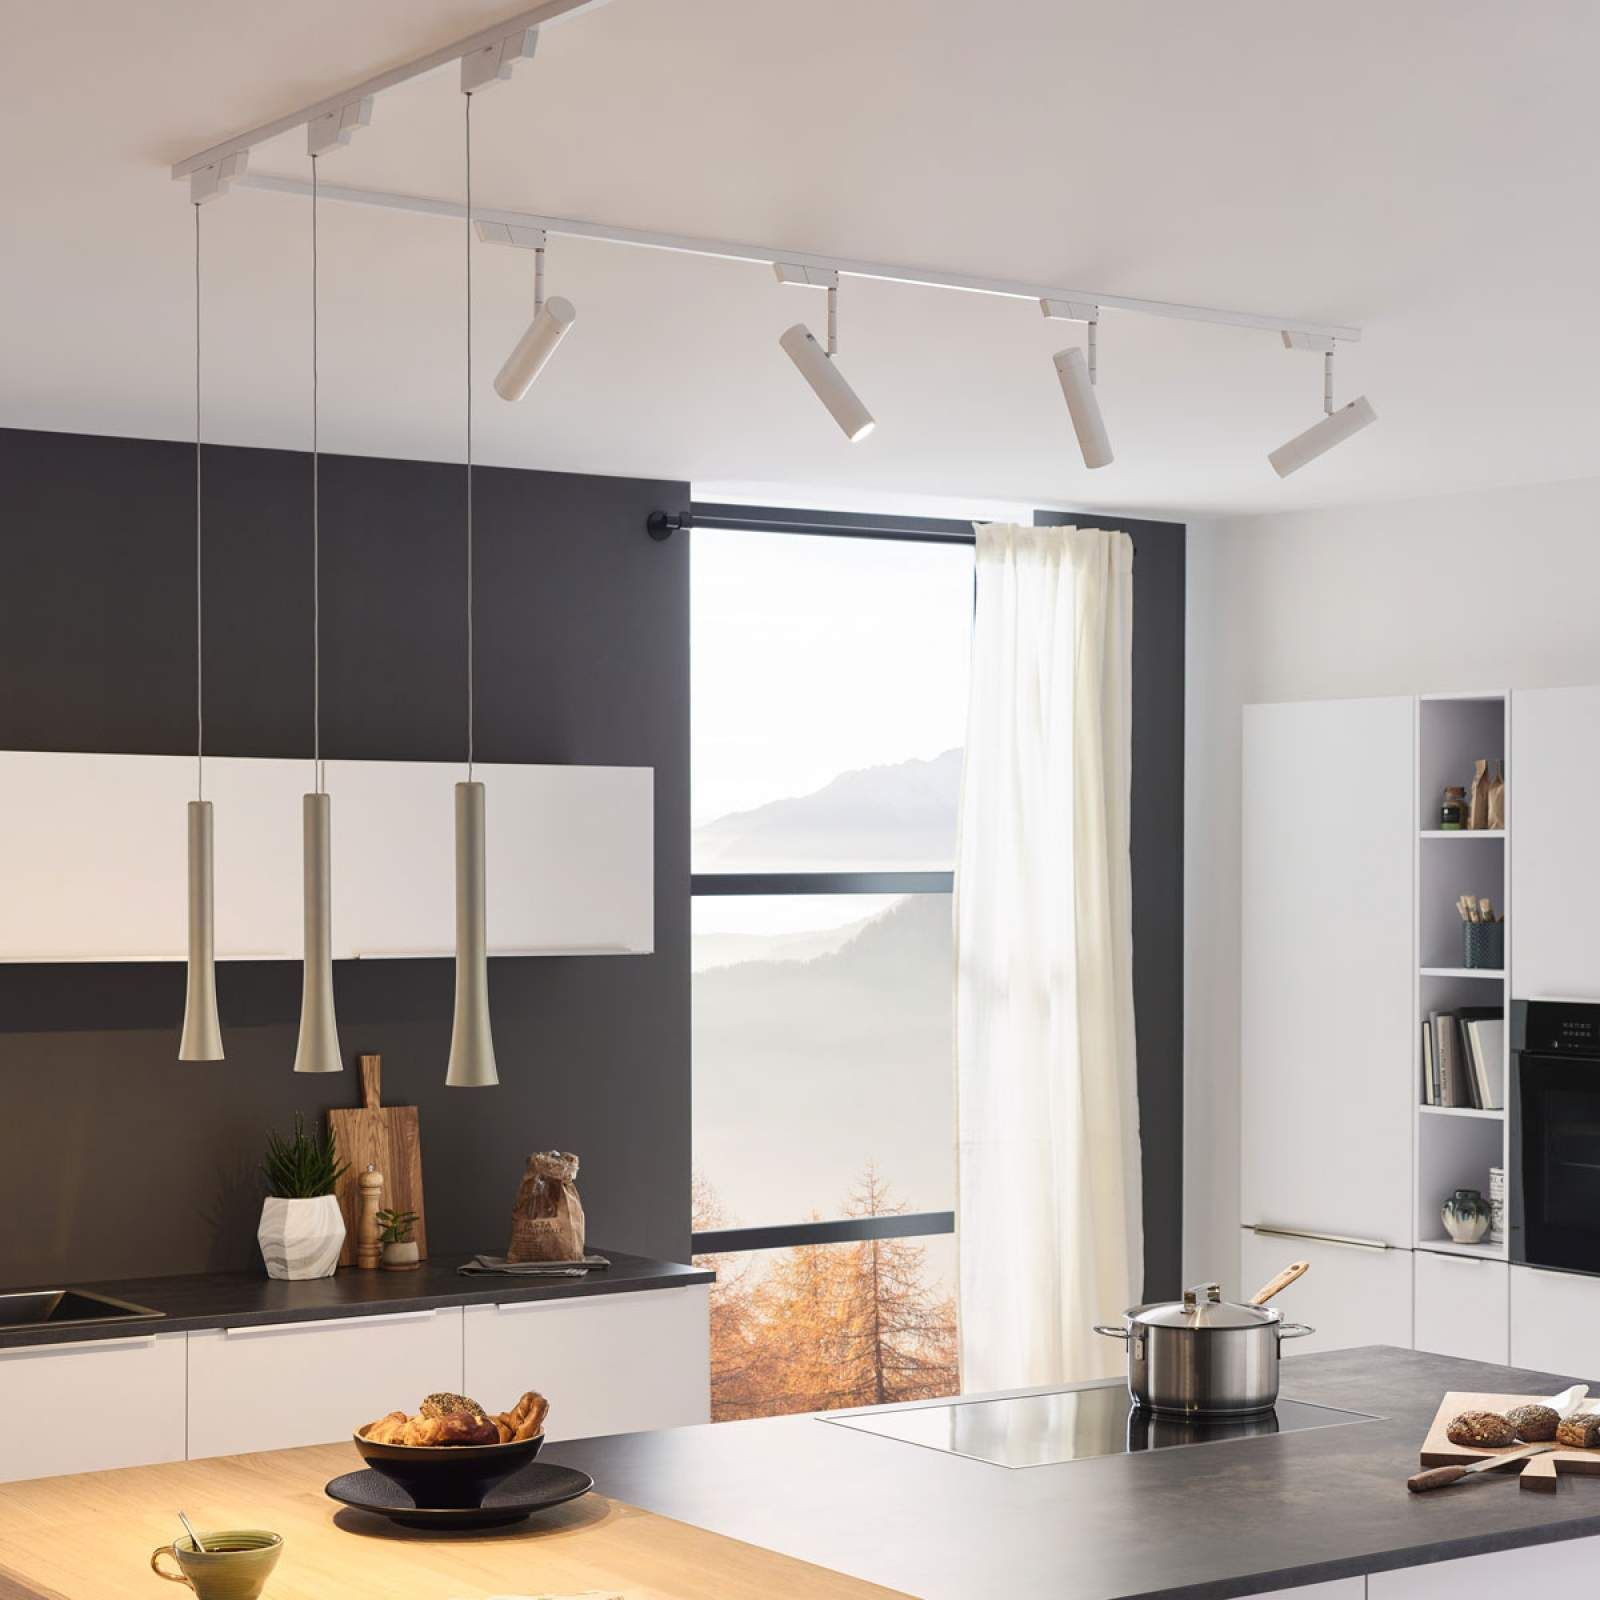 Oligo Sentry Led Schienenspot In 2020 Wohnzimmerbeleuchtung Kuche Licht Kuchenlicht